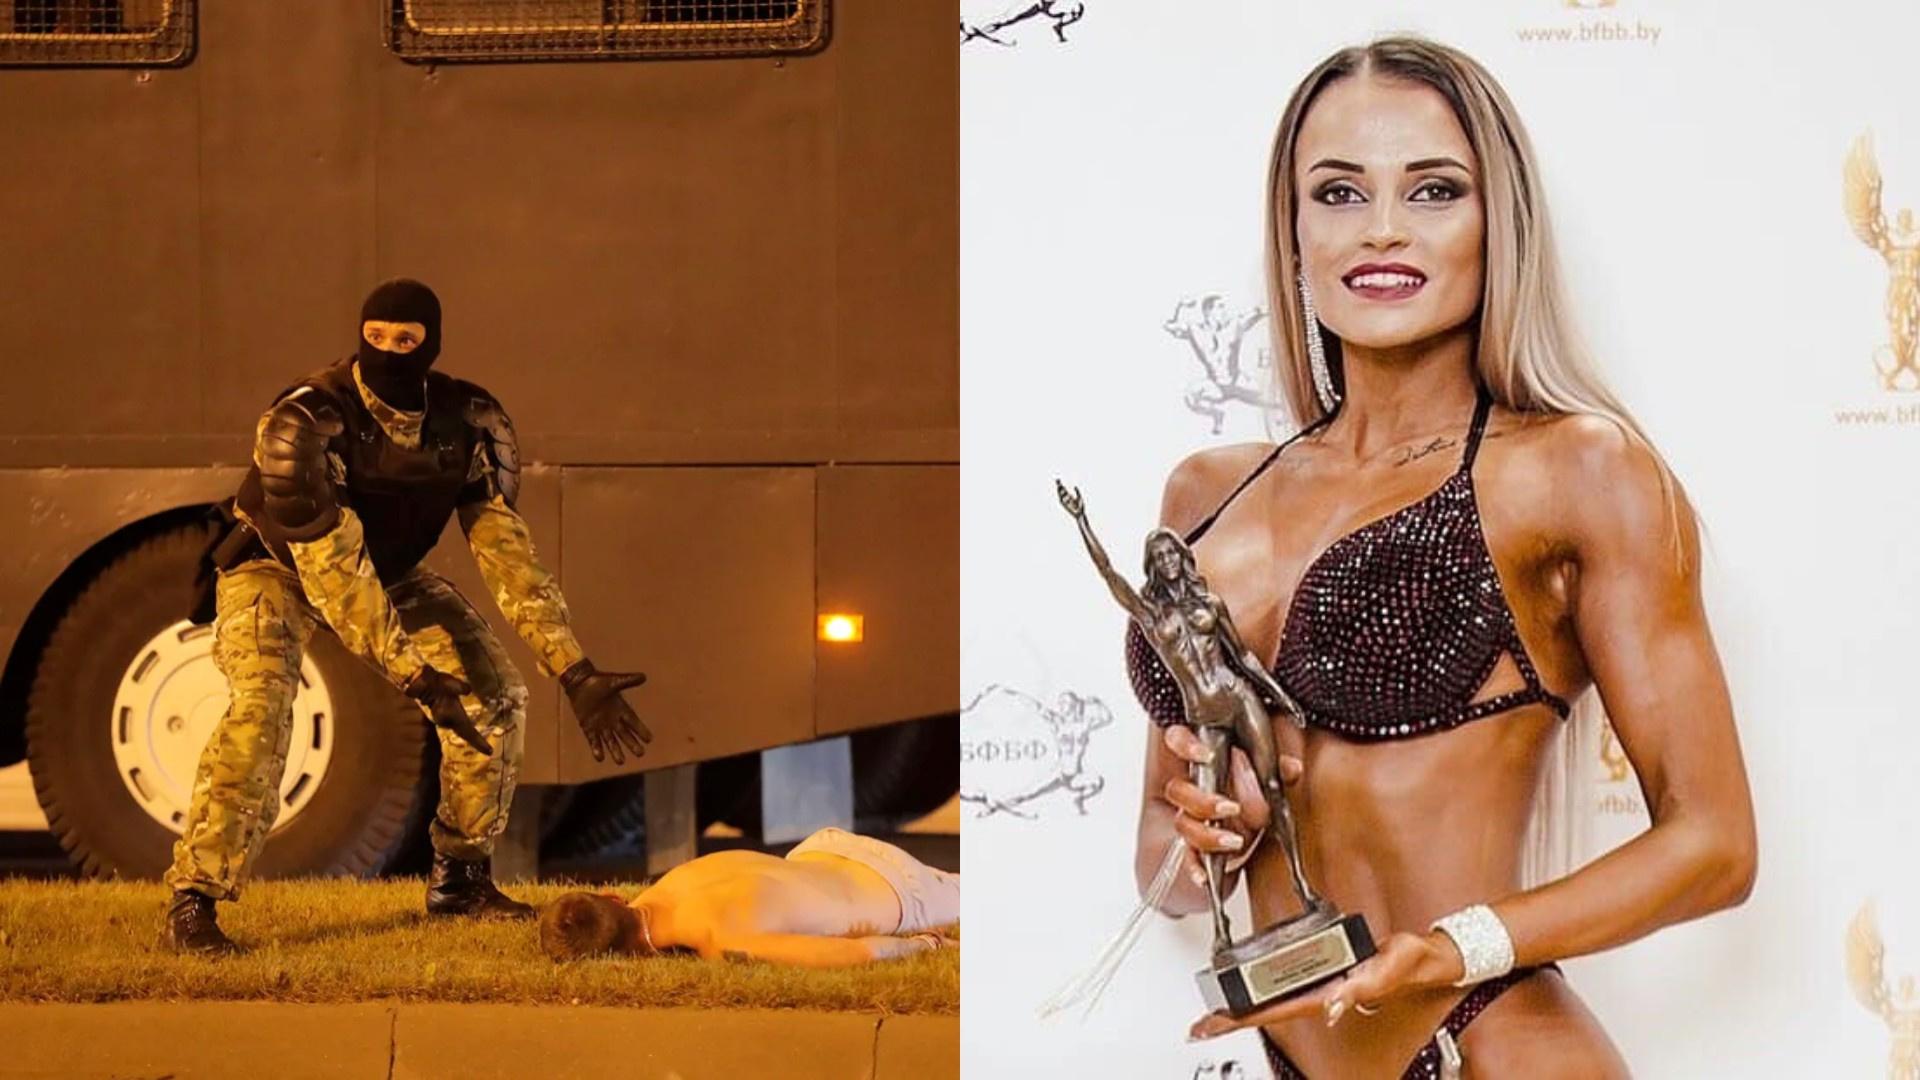 Жена бросила спецназовца из Белоруссии, фото с которым стало вирусным в первую ночь протестов